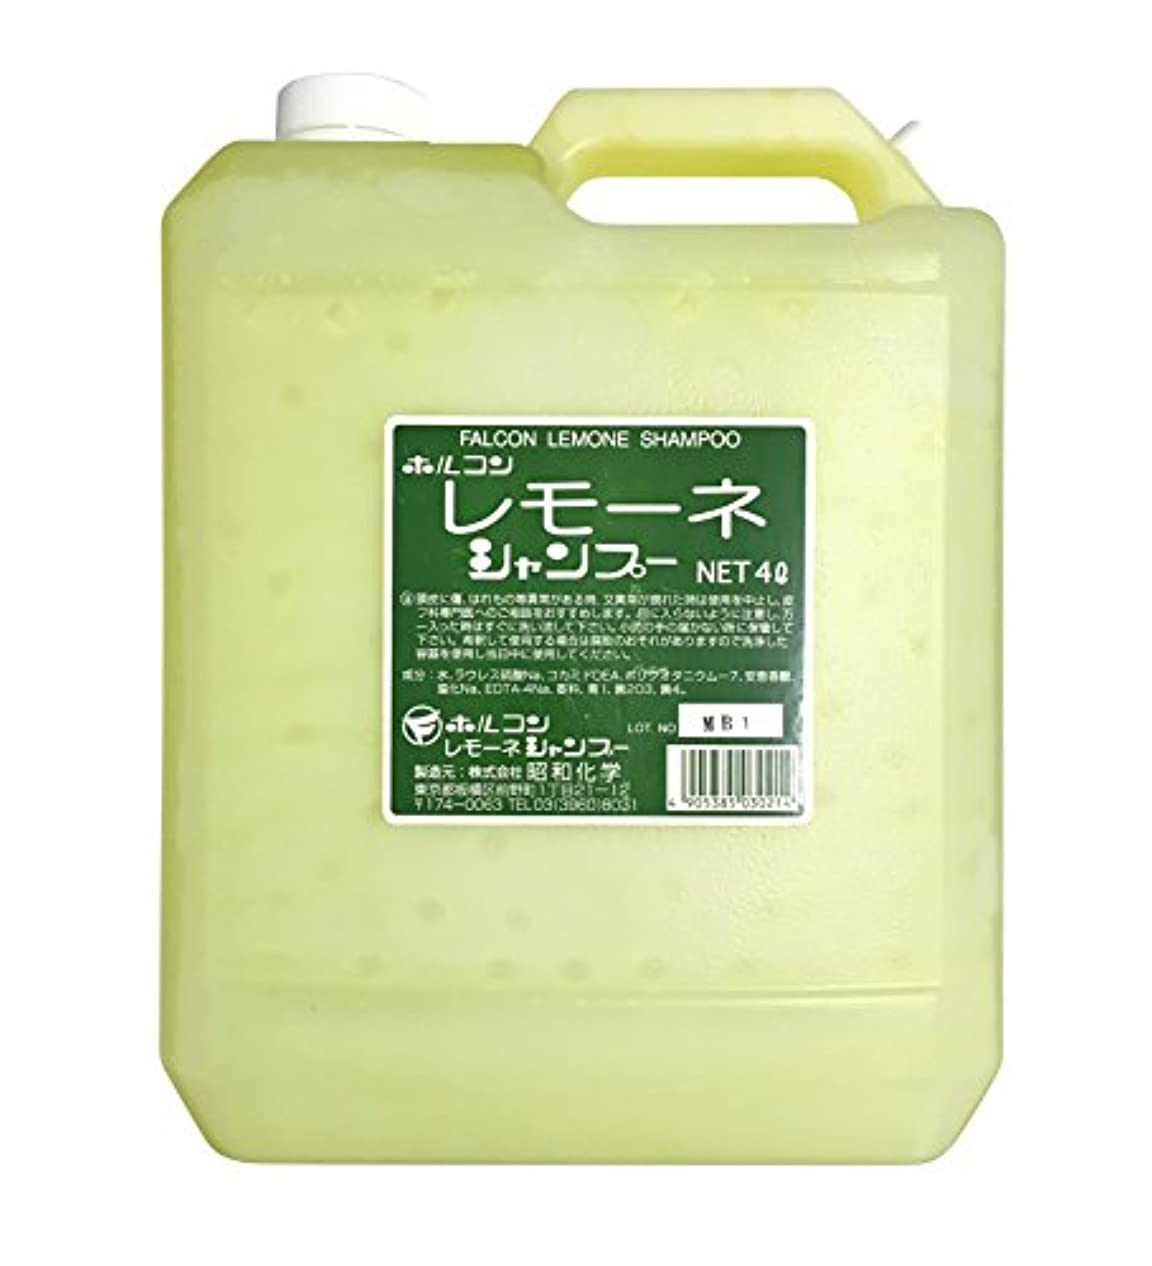 バルブ専門用語いちゃつく昭和化学 ホルコン レモーネシャンプー 4000ml